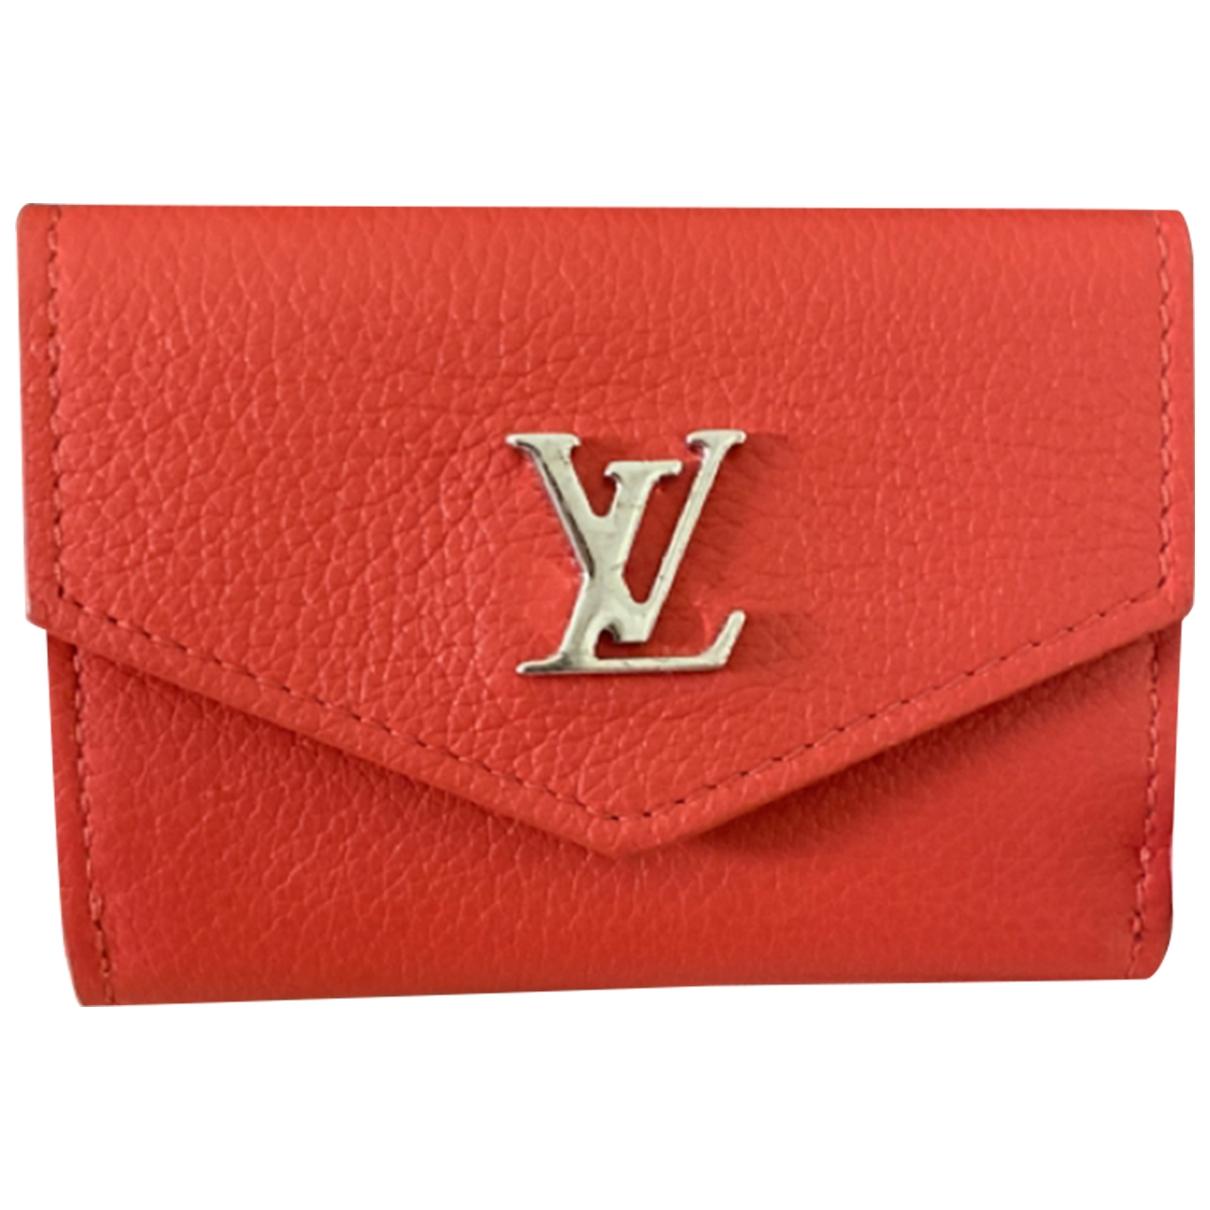 Louis Vuitton - Portefeuille Lockme pour femme en cuir - rouge